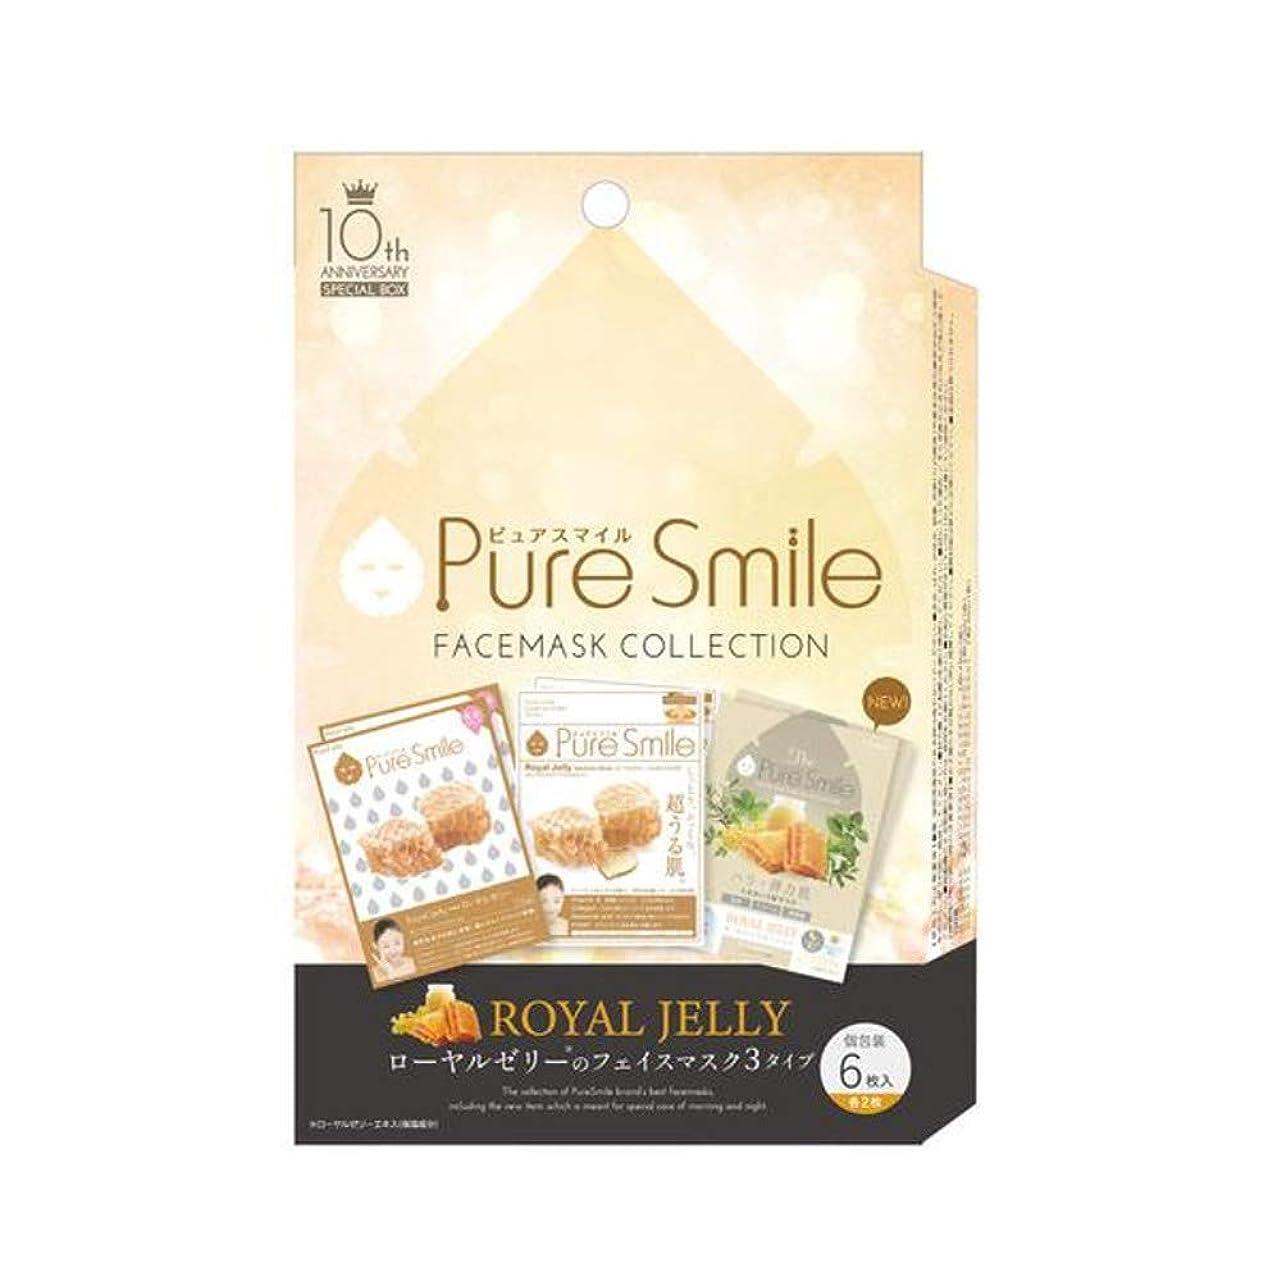 アンケート優先不足ピュア スマイル Pure Smile 10thアニバーサリー スペシャルボックス ローヤルゼリーエキス 6枚入り